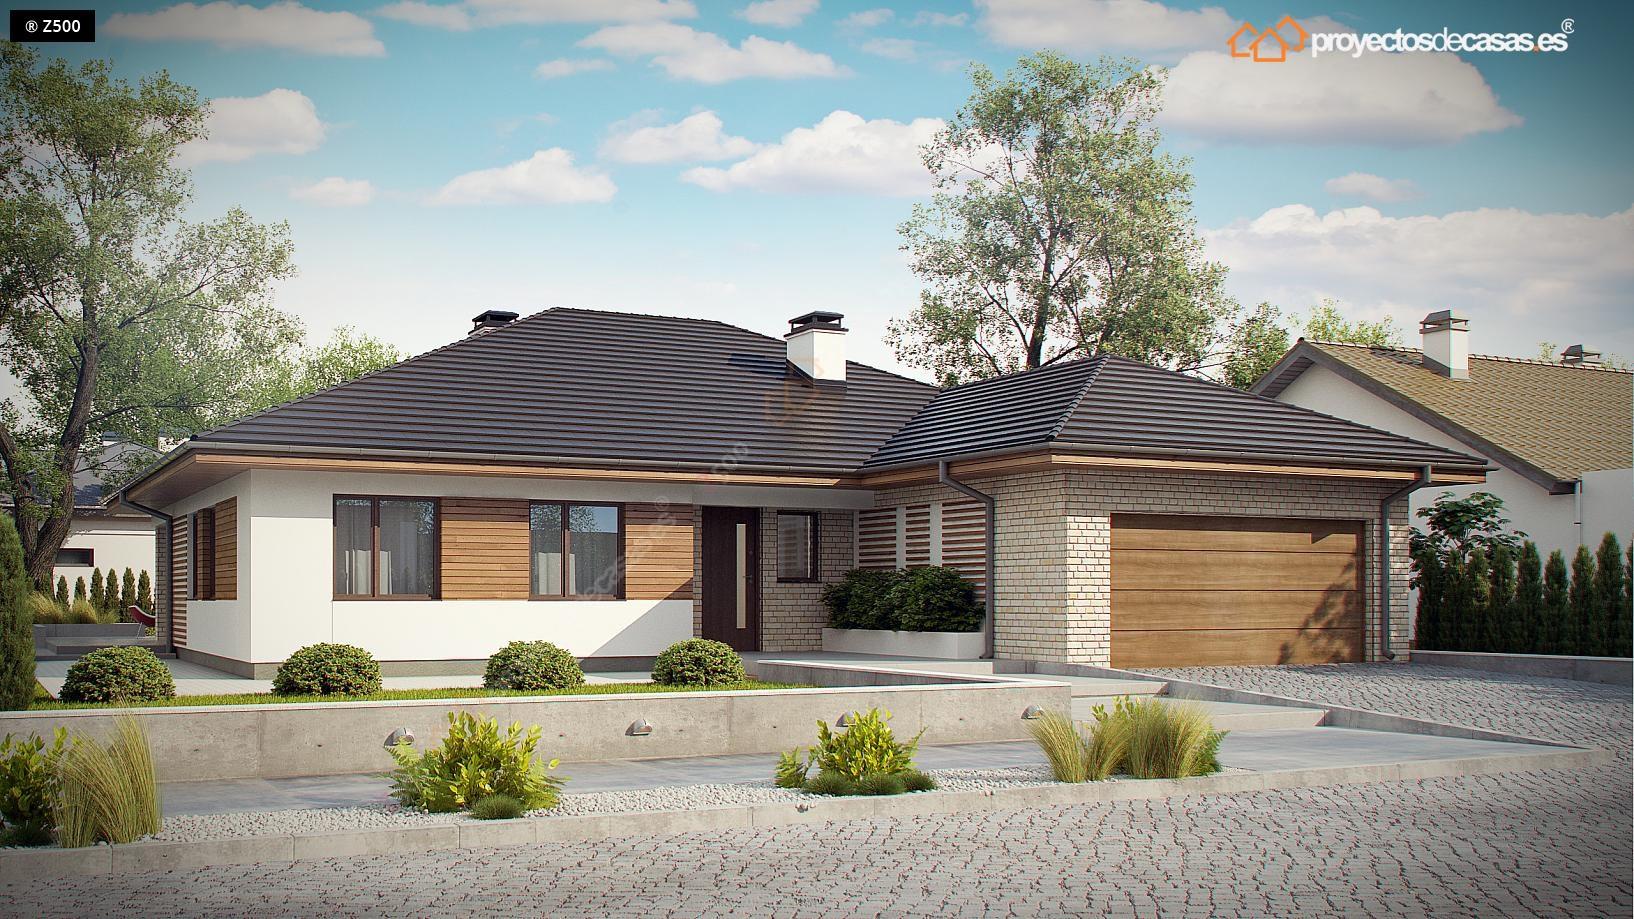 Proyectos de casas casa tradicional proyectosdecasas - Fachadas de casas modernas planta baja ...